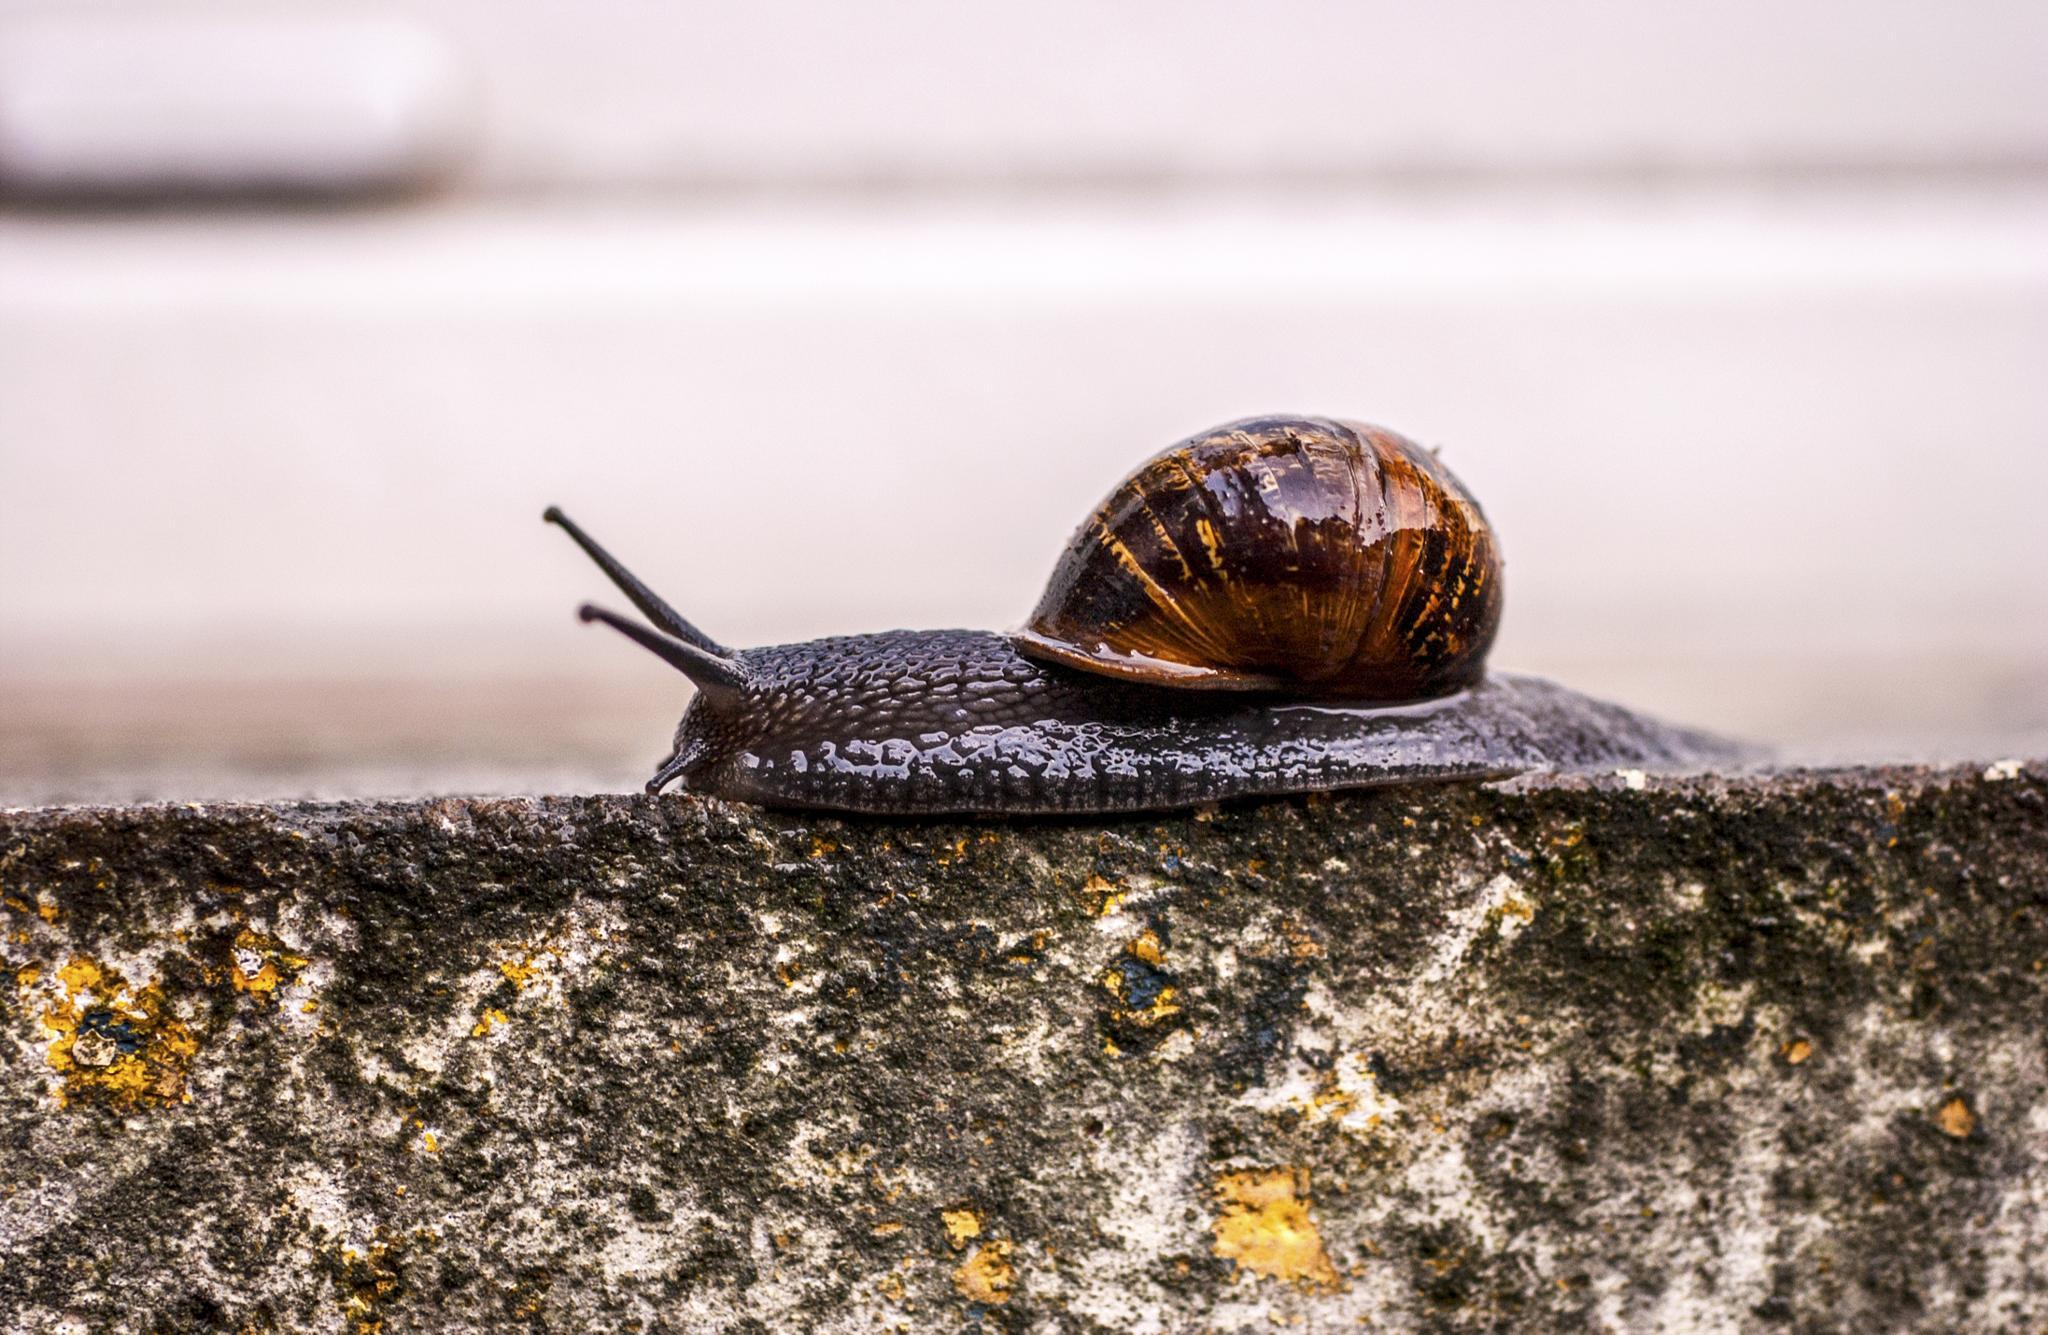 Snail on the window sill by howard.rollinson